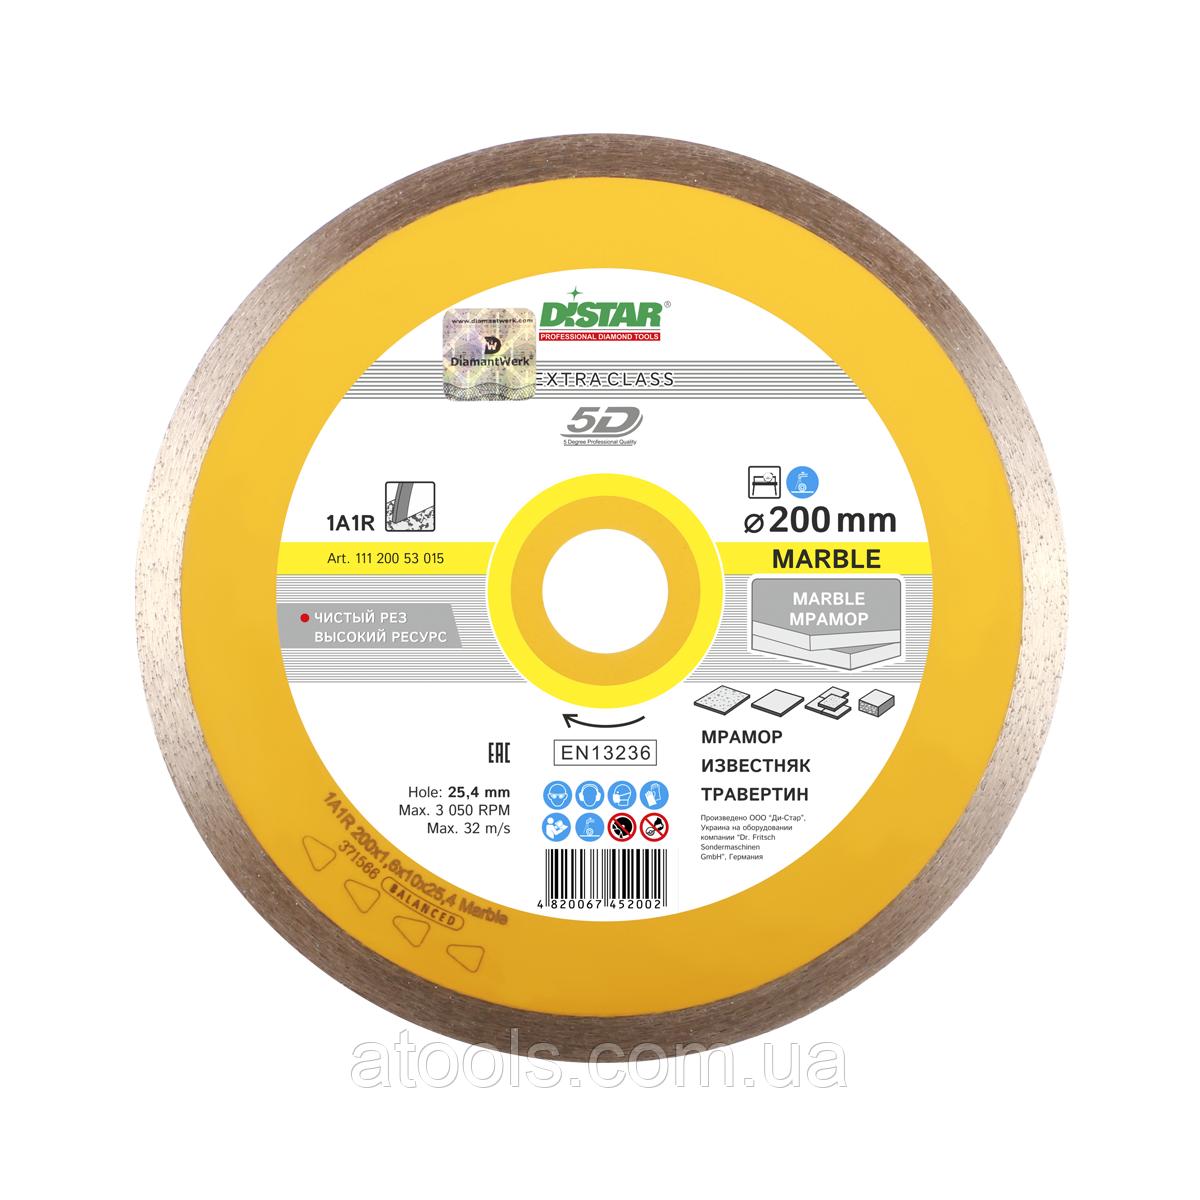 Алмазний відрізний диск Distar Marble 1A1R 150x1.4x8x22.23 (11115053012)